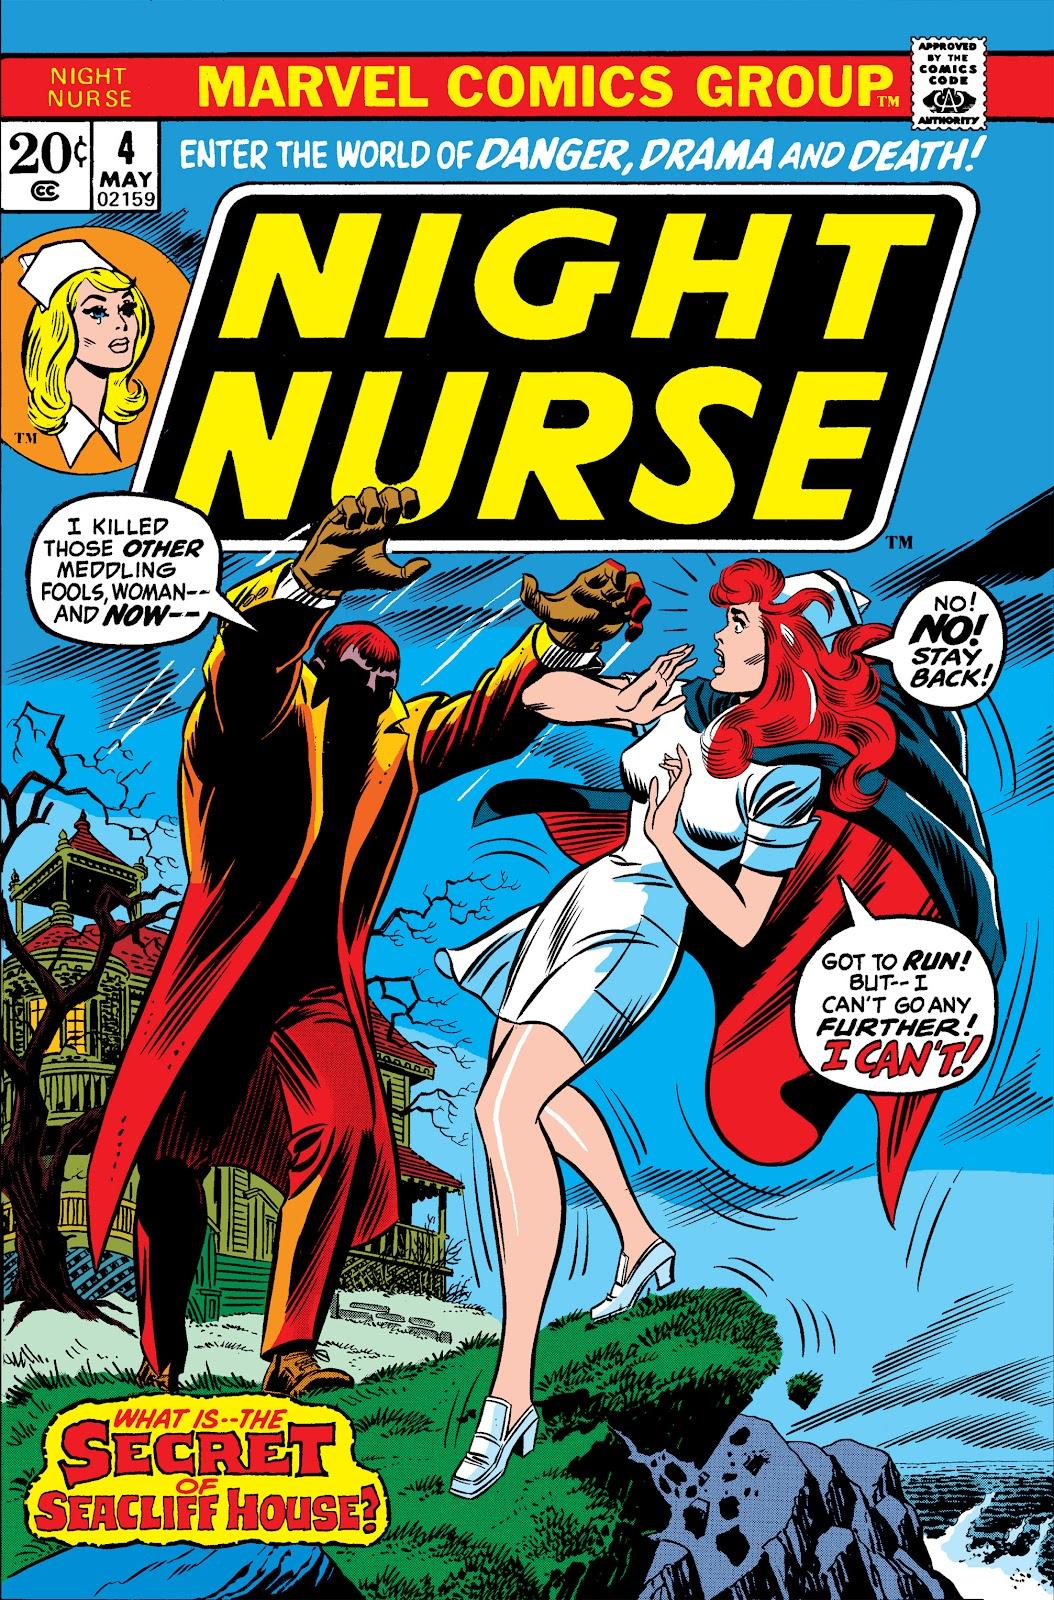 Night Nurse (1972) issue 4 - Page 1